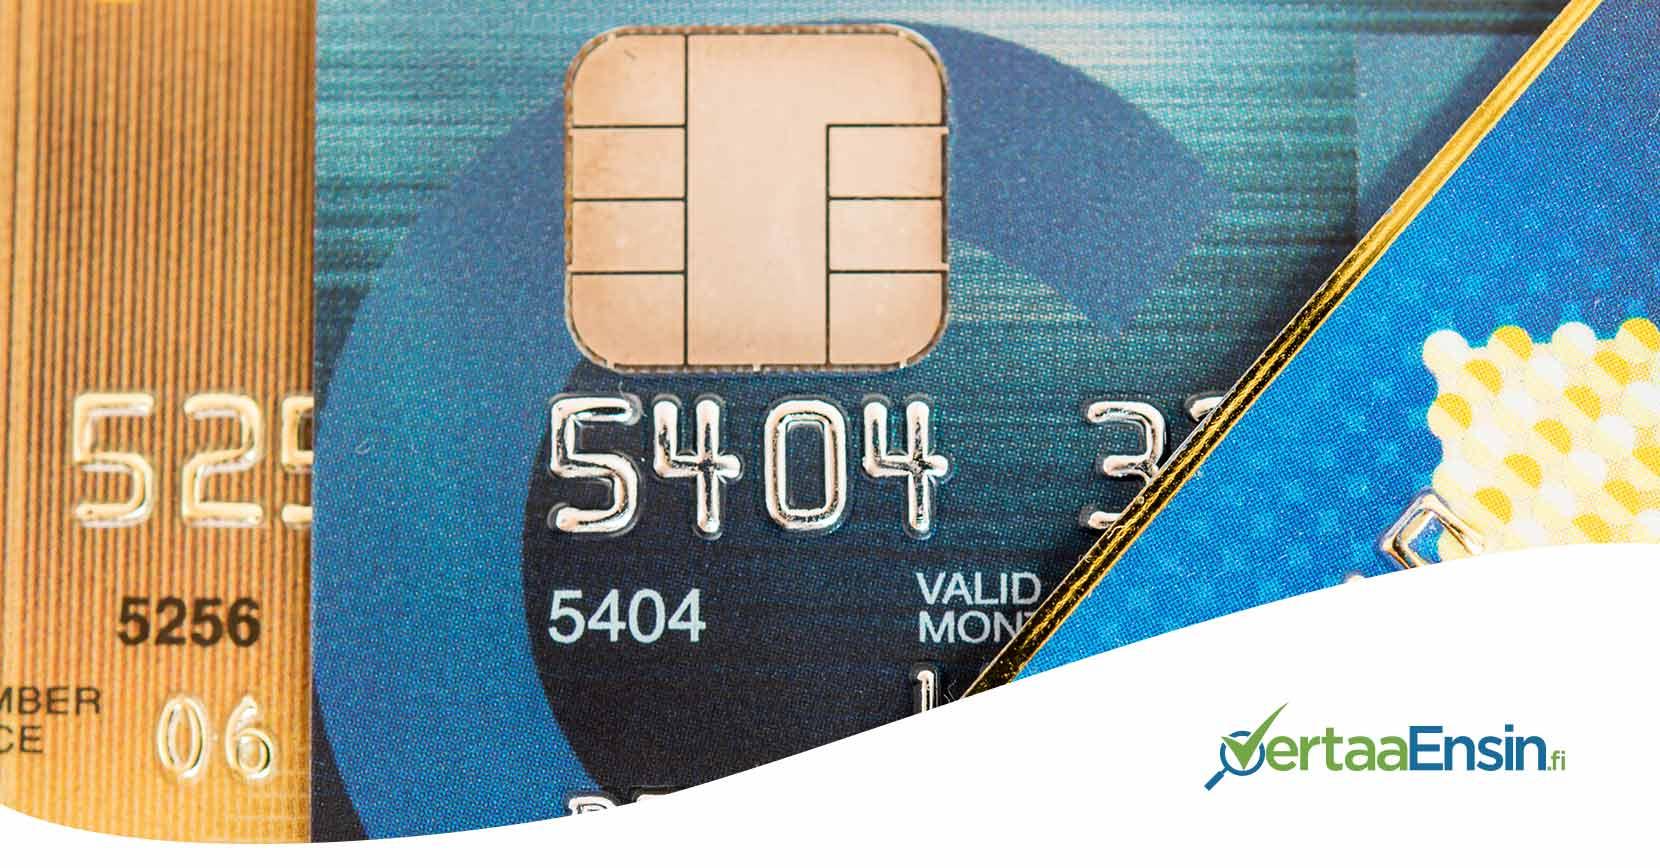 Luottokortin Numero